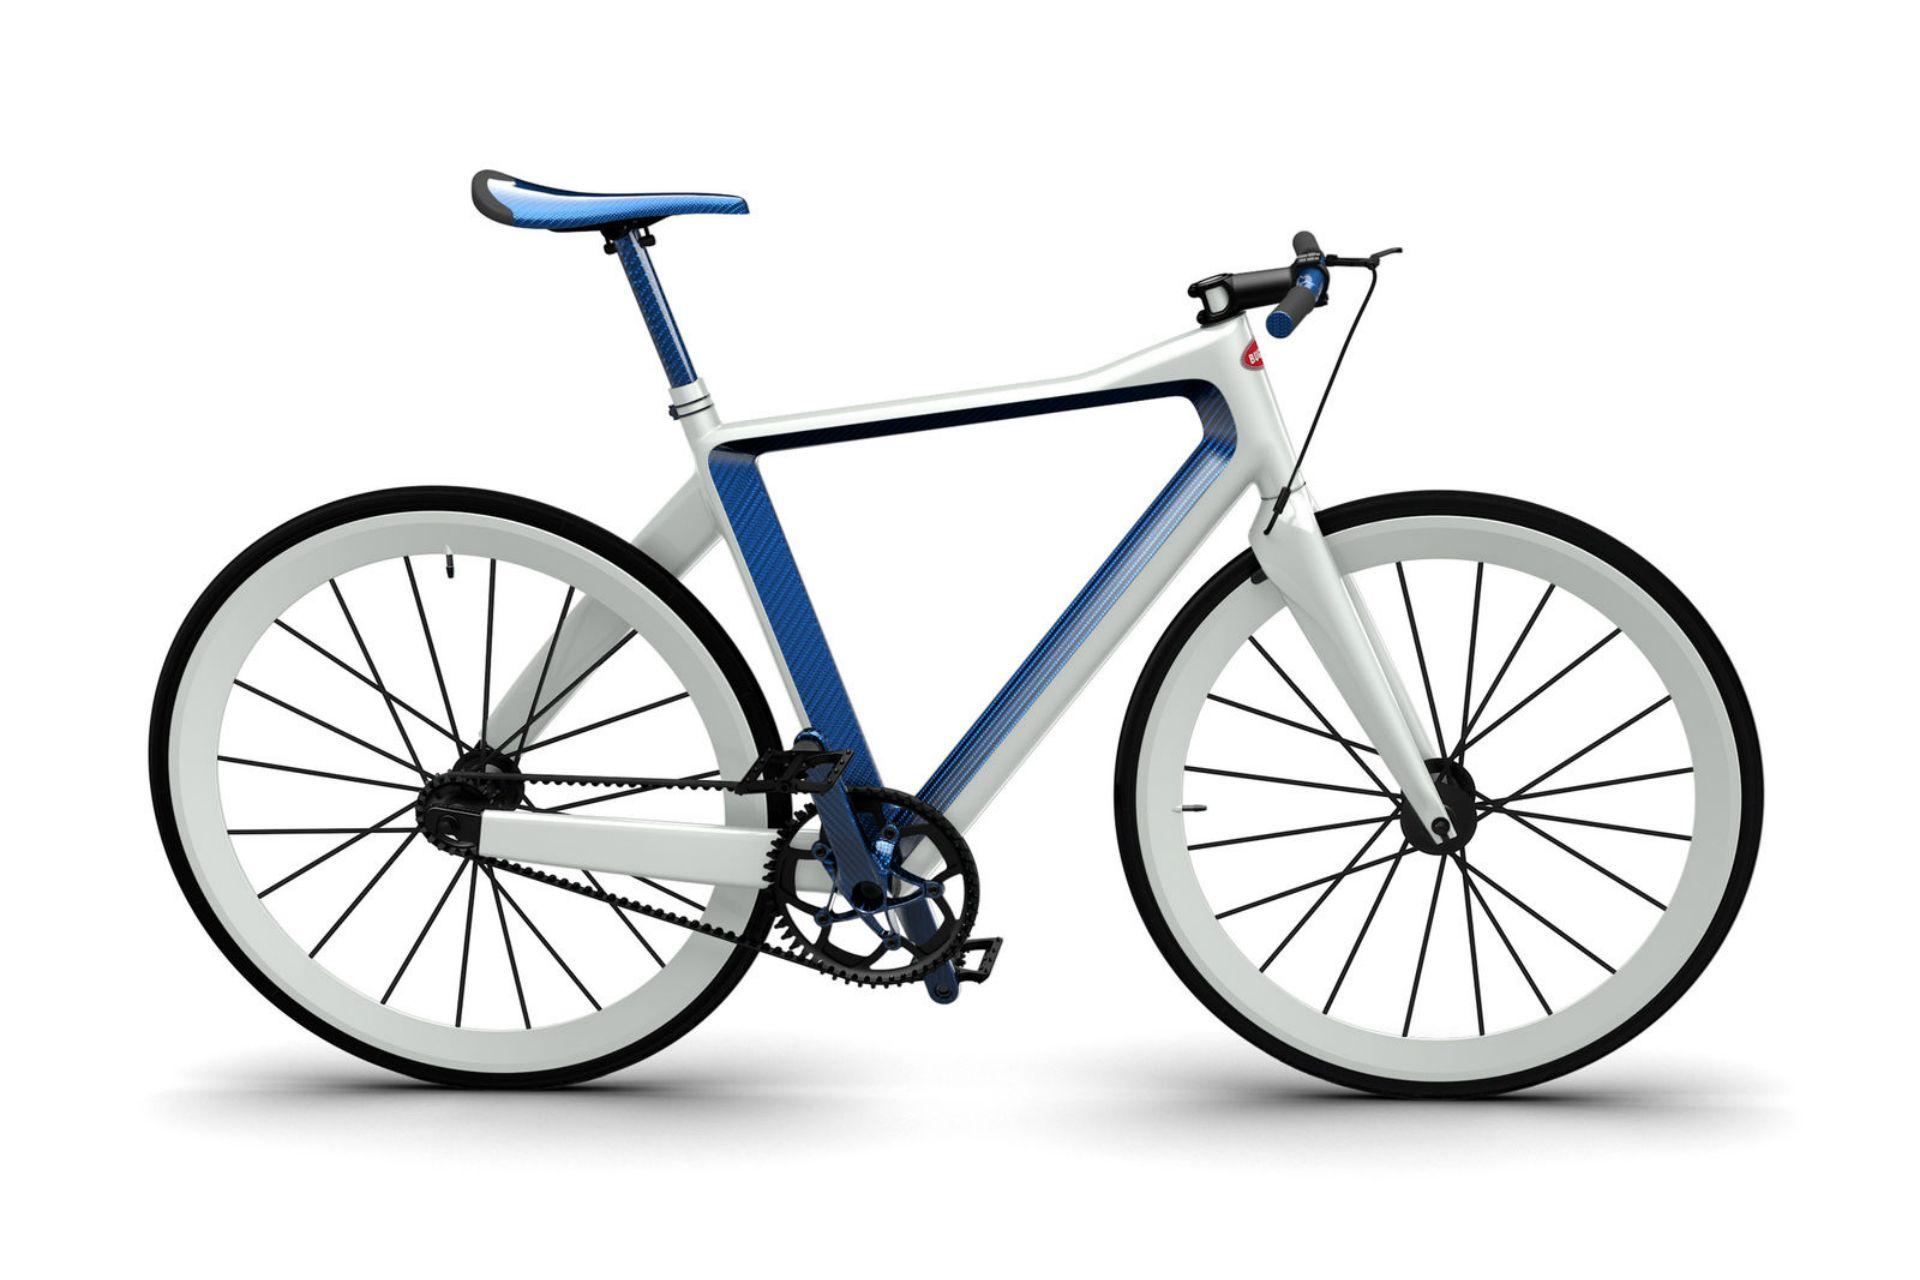 Bicicleta Bugatti PG la mas cara y liviana del mundo Muestra 2